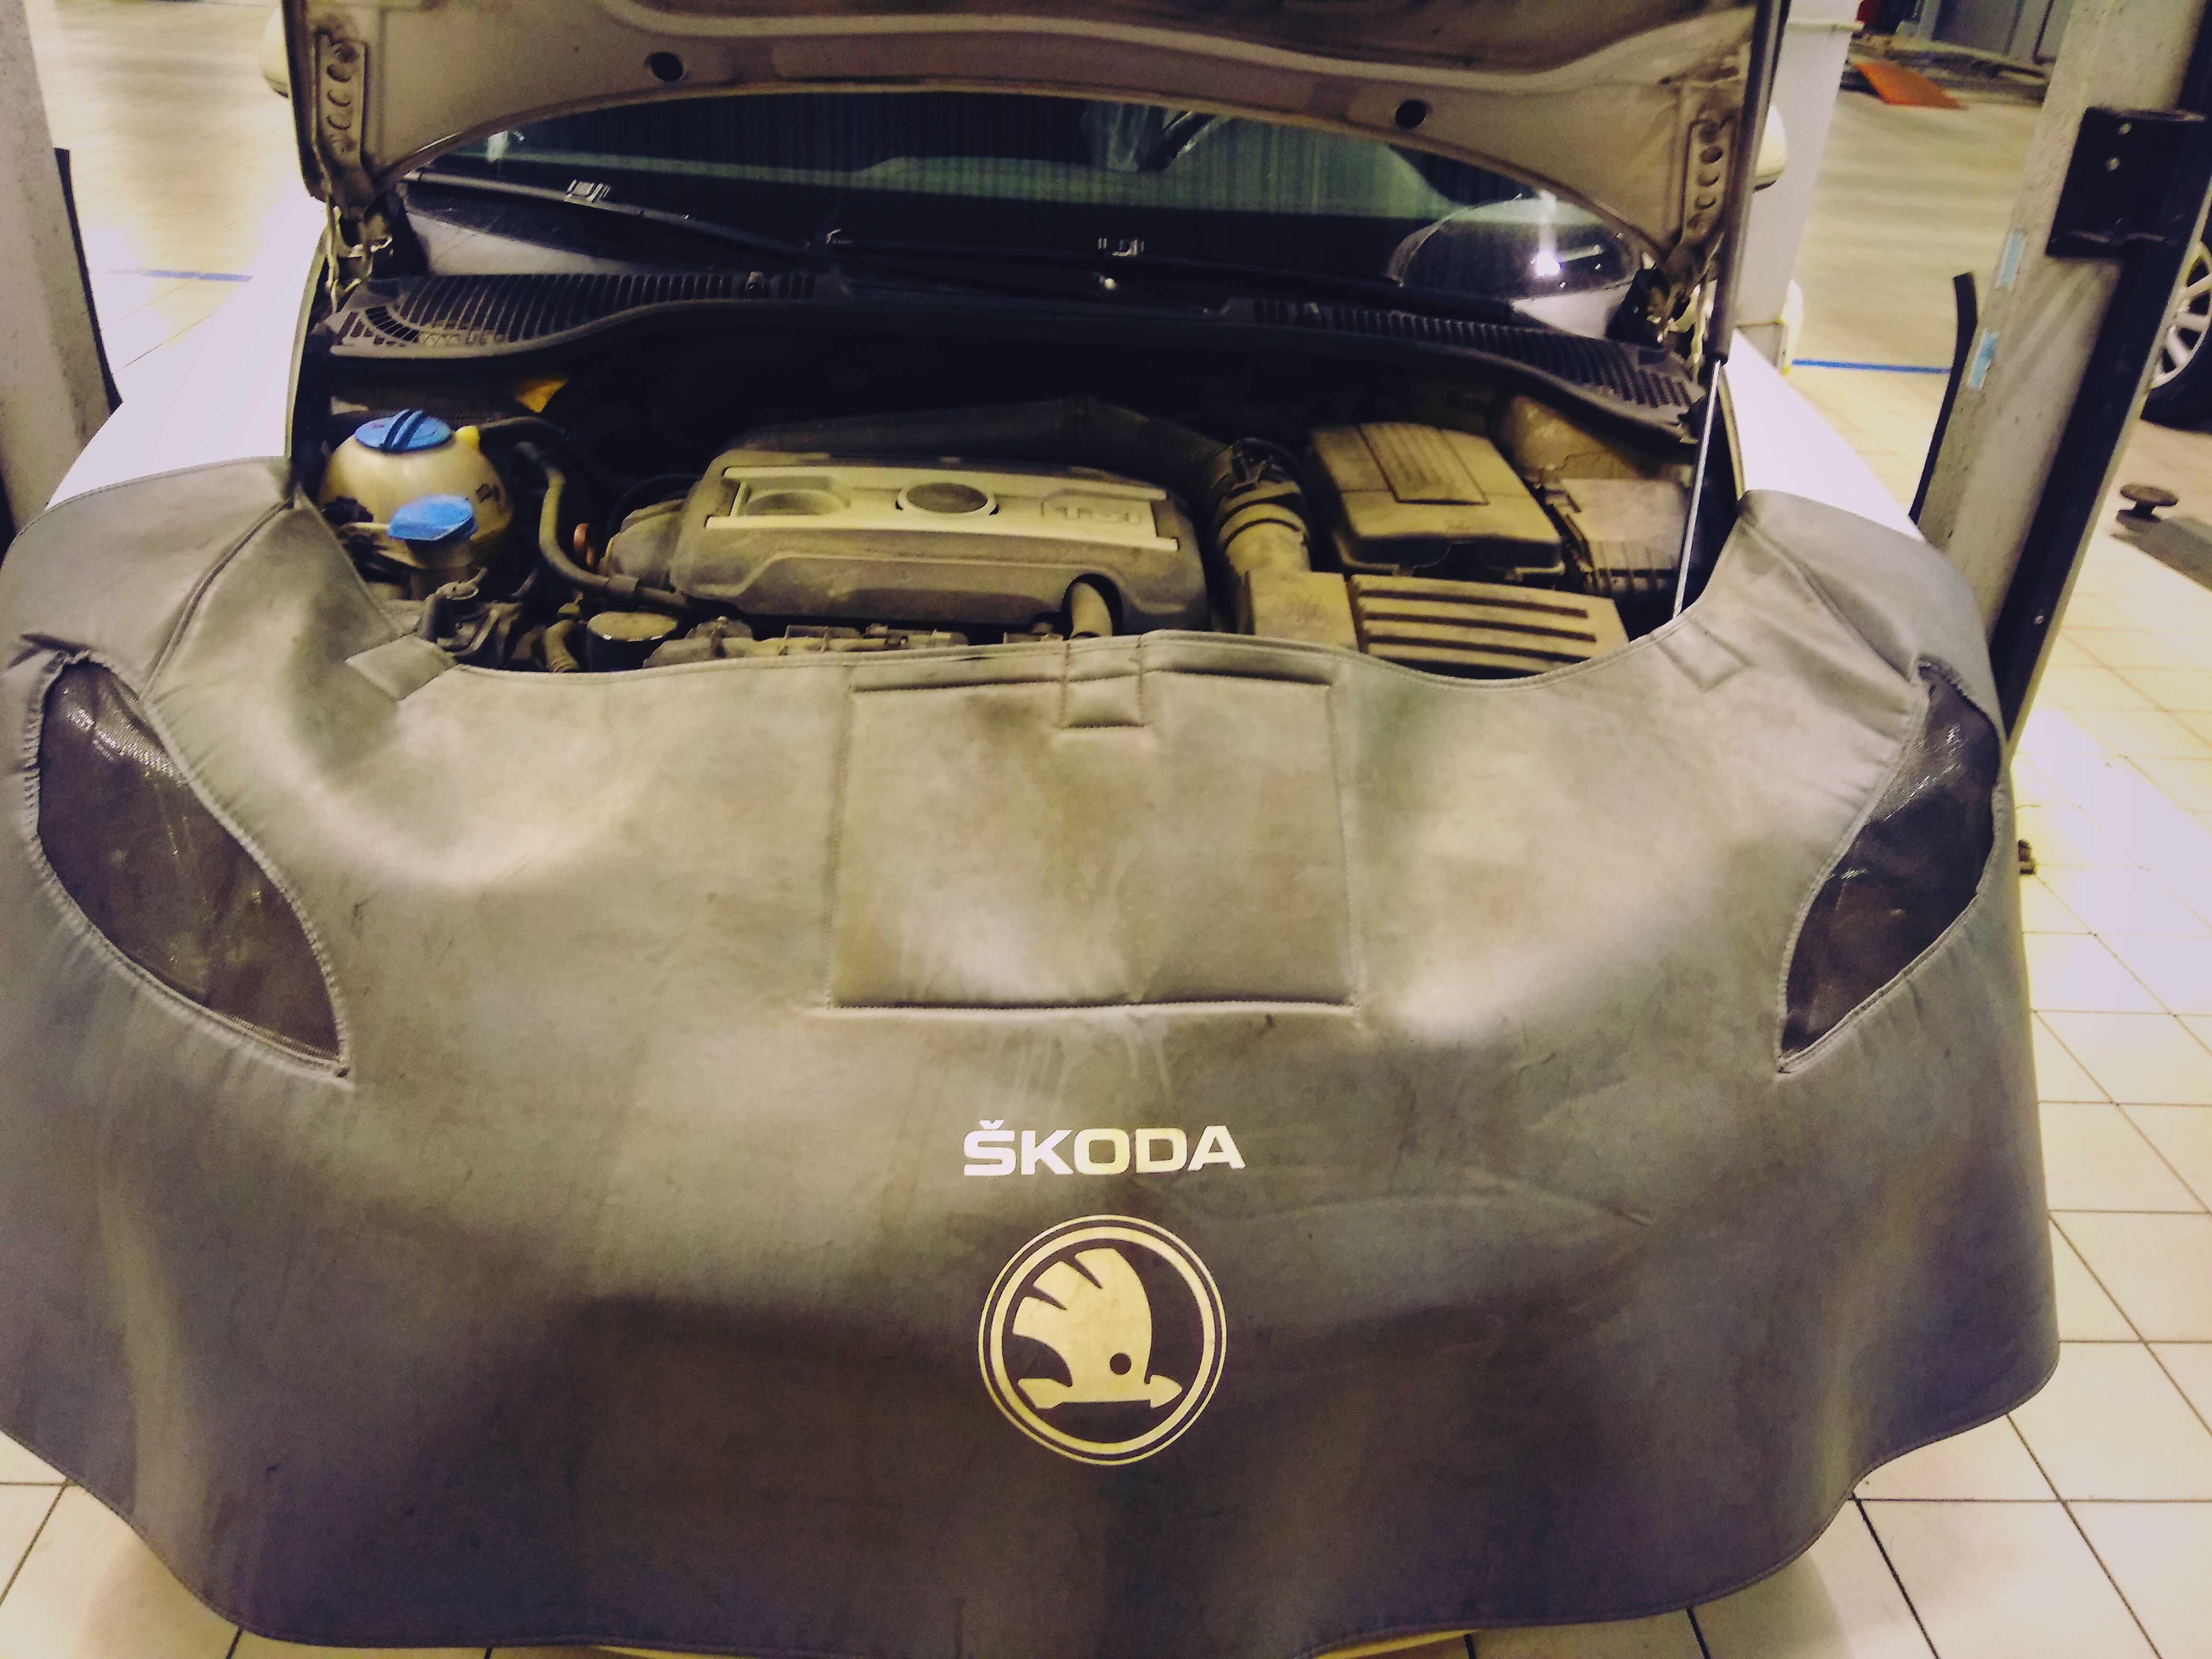 Замена масла в двигателе DSG6 автомобиля Skoda Octavia  - статья на DDCAR